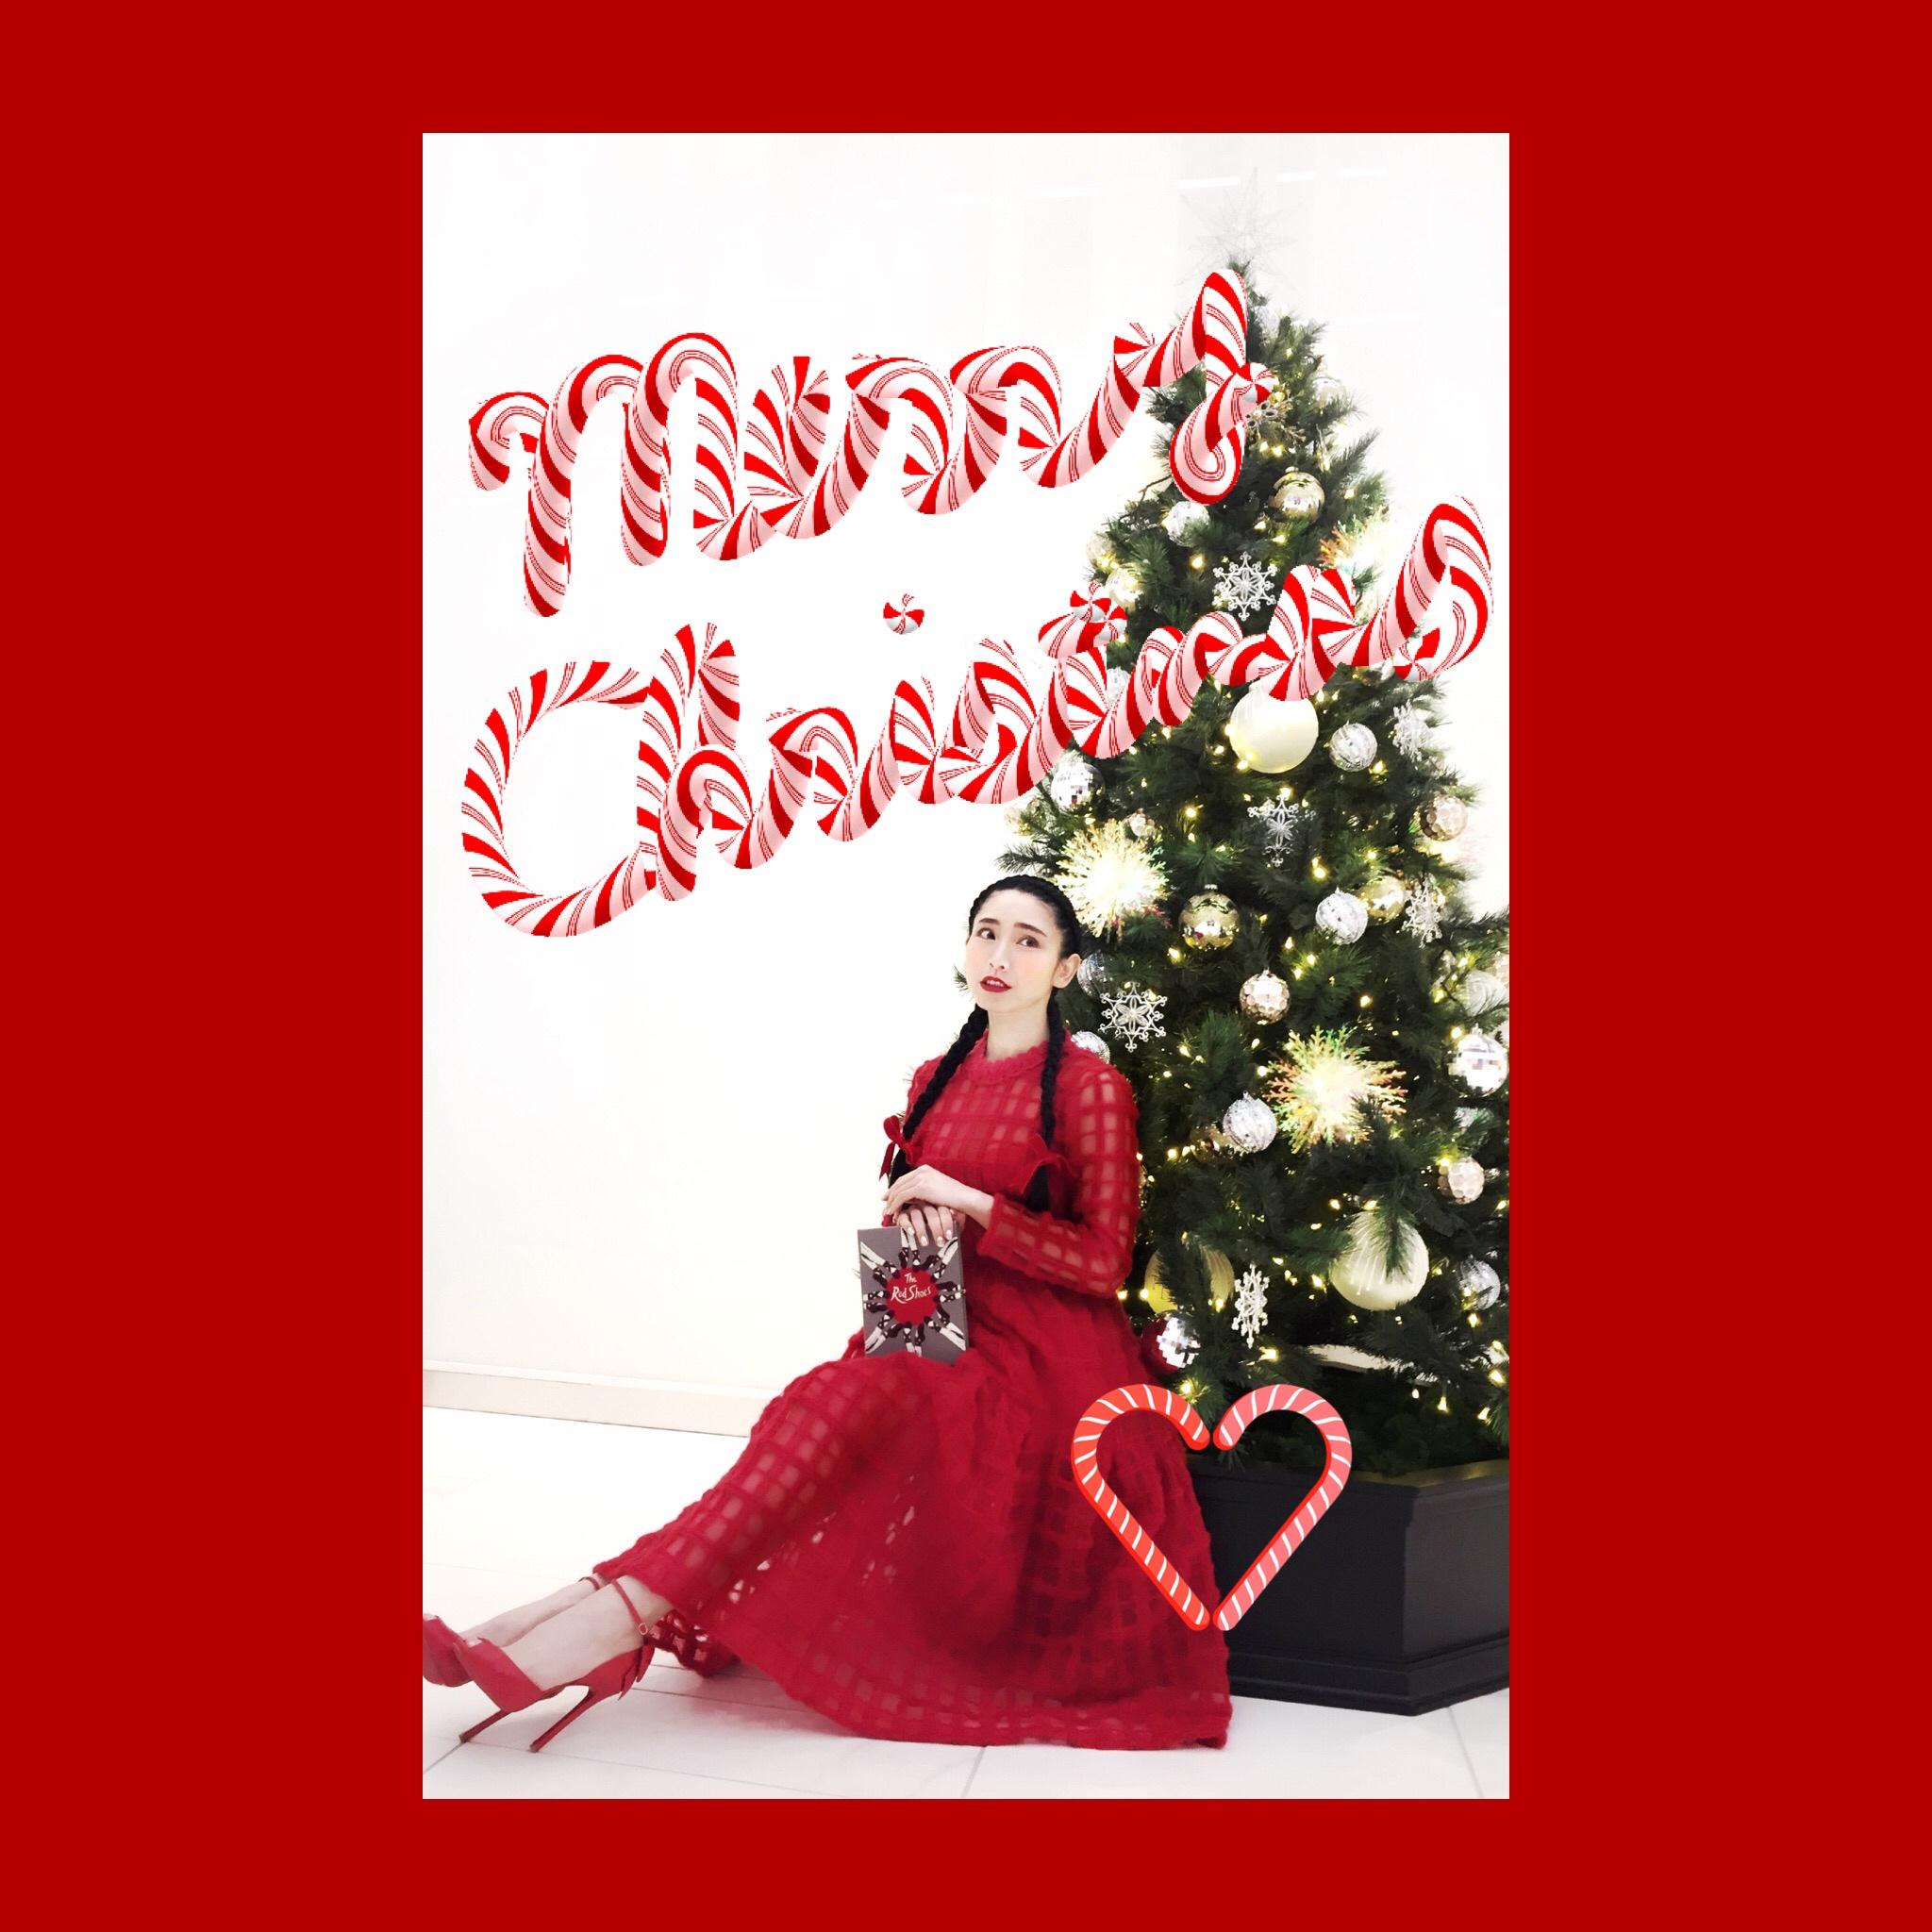 Merry Christmas ♡ メリークリスマス